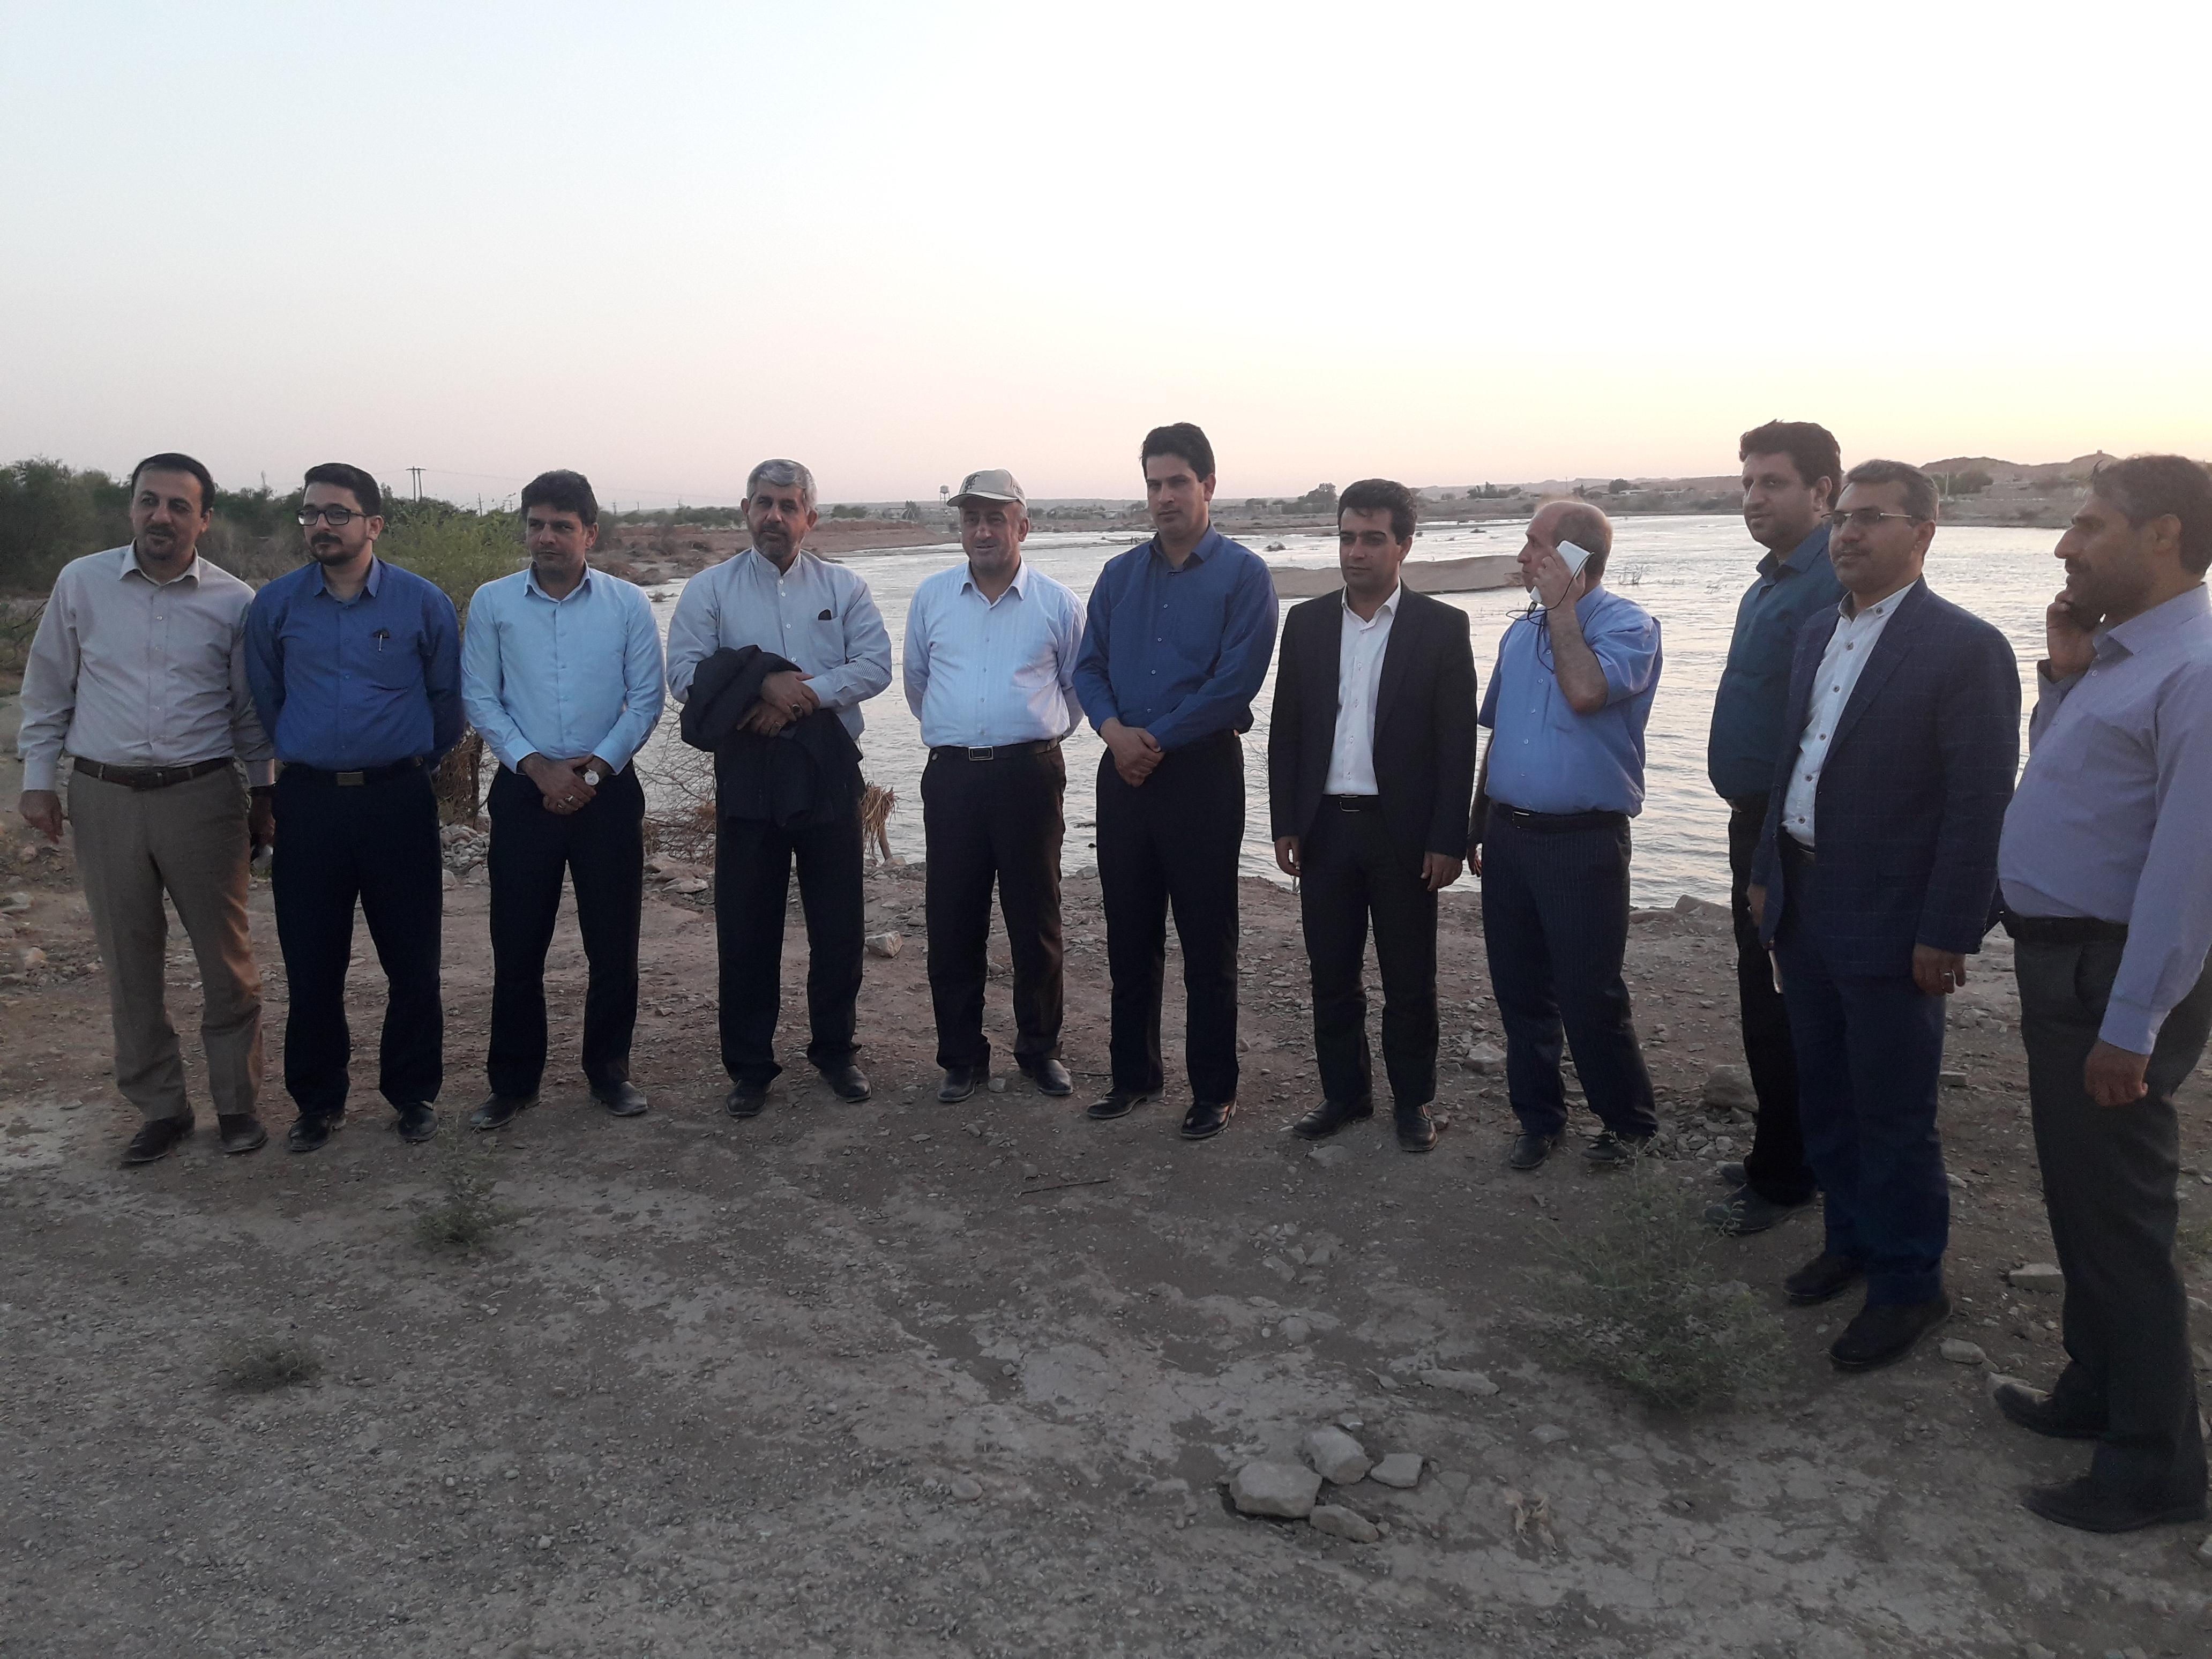 ۲۰۱۹۰۷۰۳ ۲۰۲۰۱۴ مدیرکل روابط عمومی و اموربین الملل استانداری خوزستان از بازدید اعضای کمیته اطلاع رسانی قرارگاه کشوری سیل از مناطق سیل زده استان خوزستان خبر داد